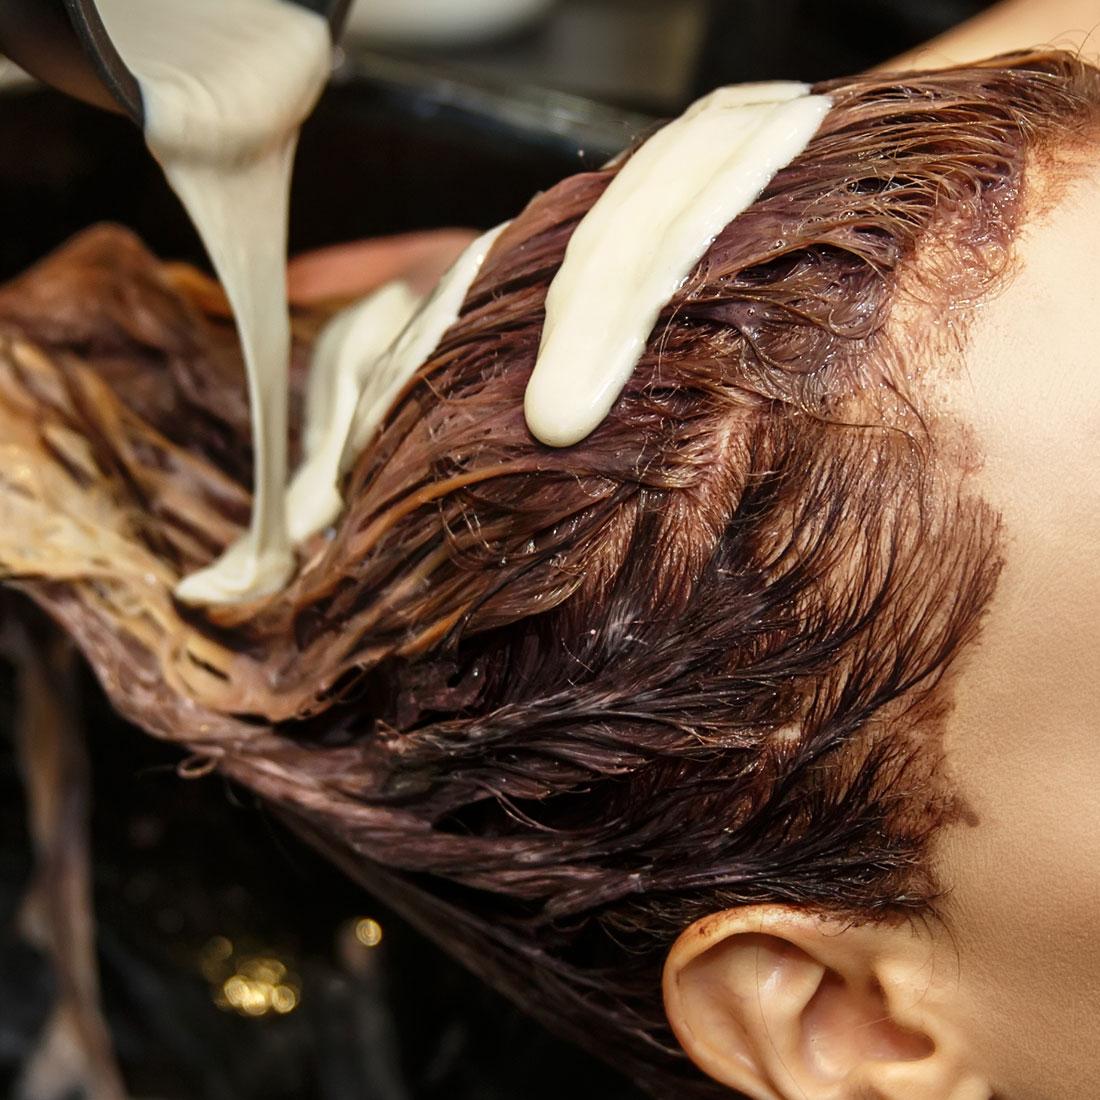 Adding Dye to Hair